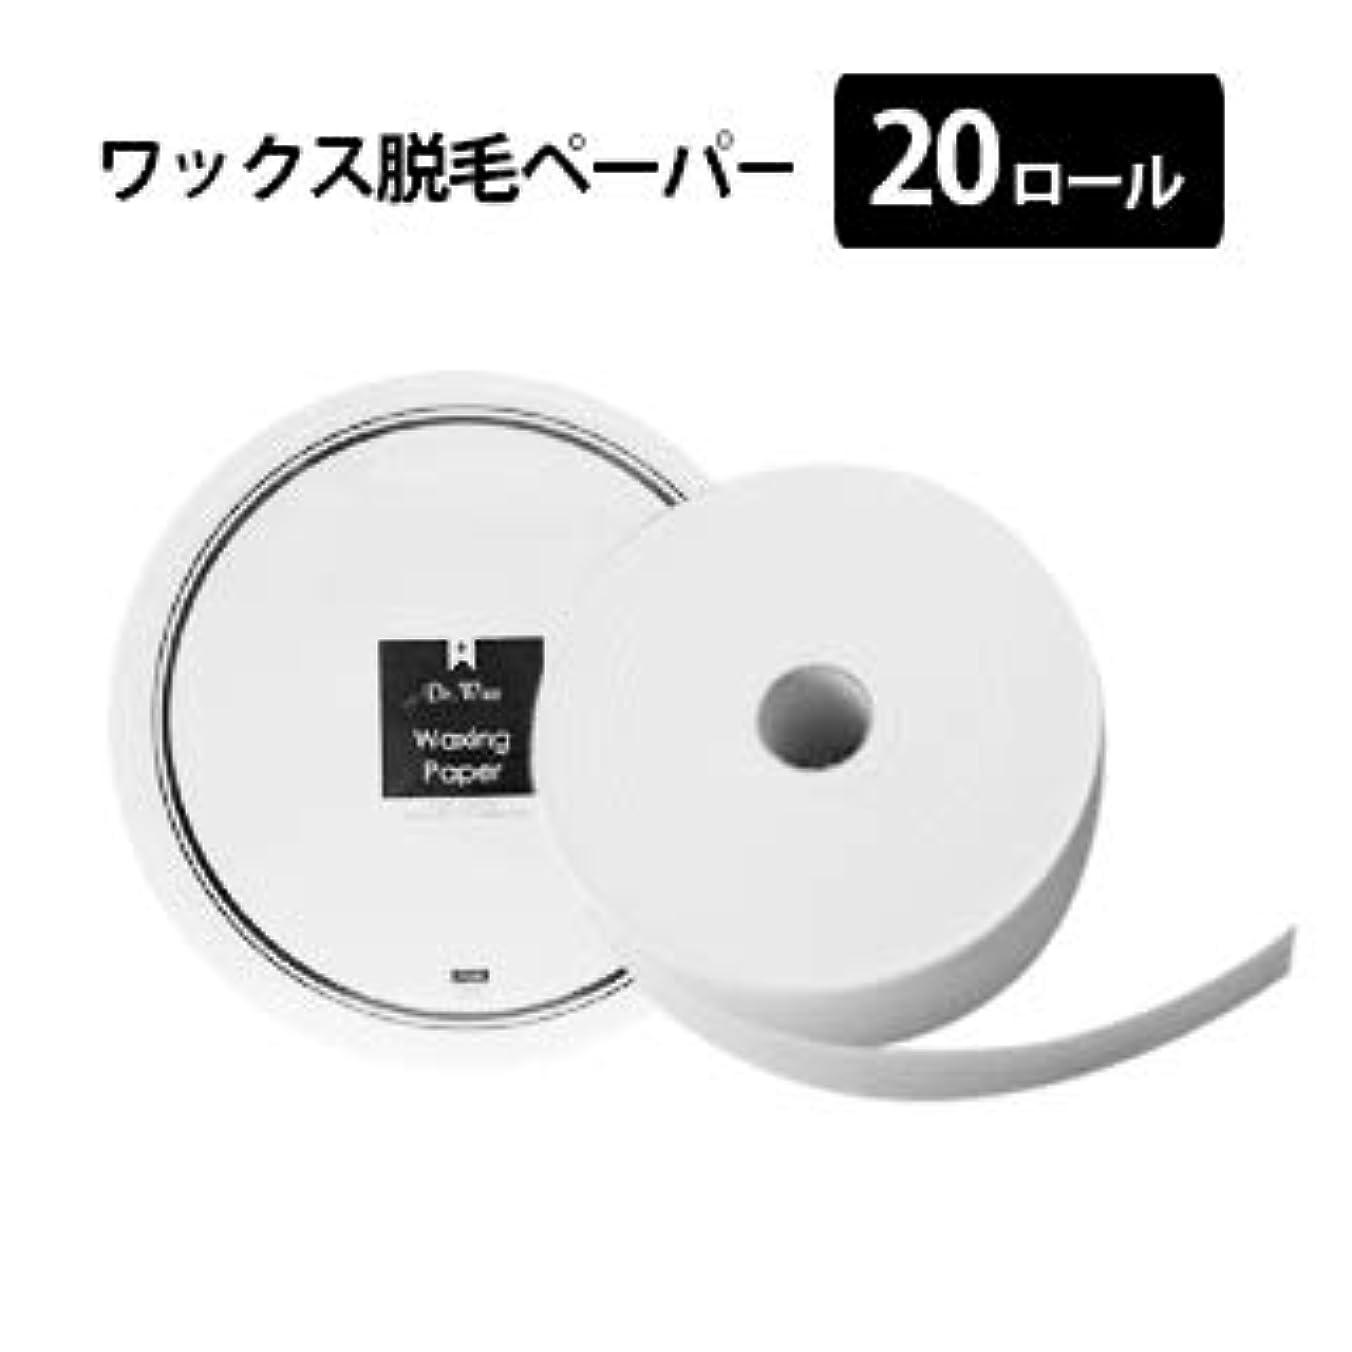 エトナ山ベーコンラウンジ【20ロール】ワックスロールペーパー 7cm スパンレース素材